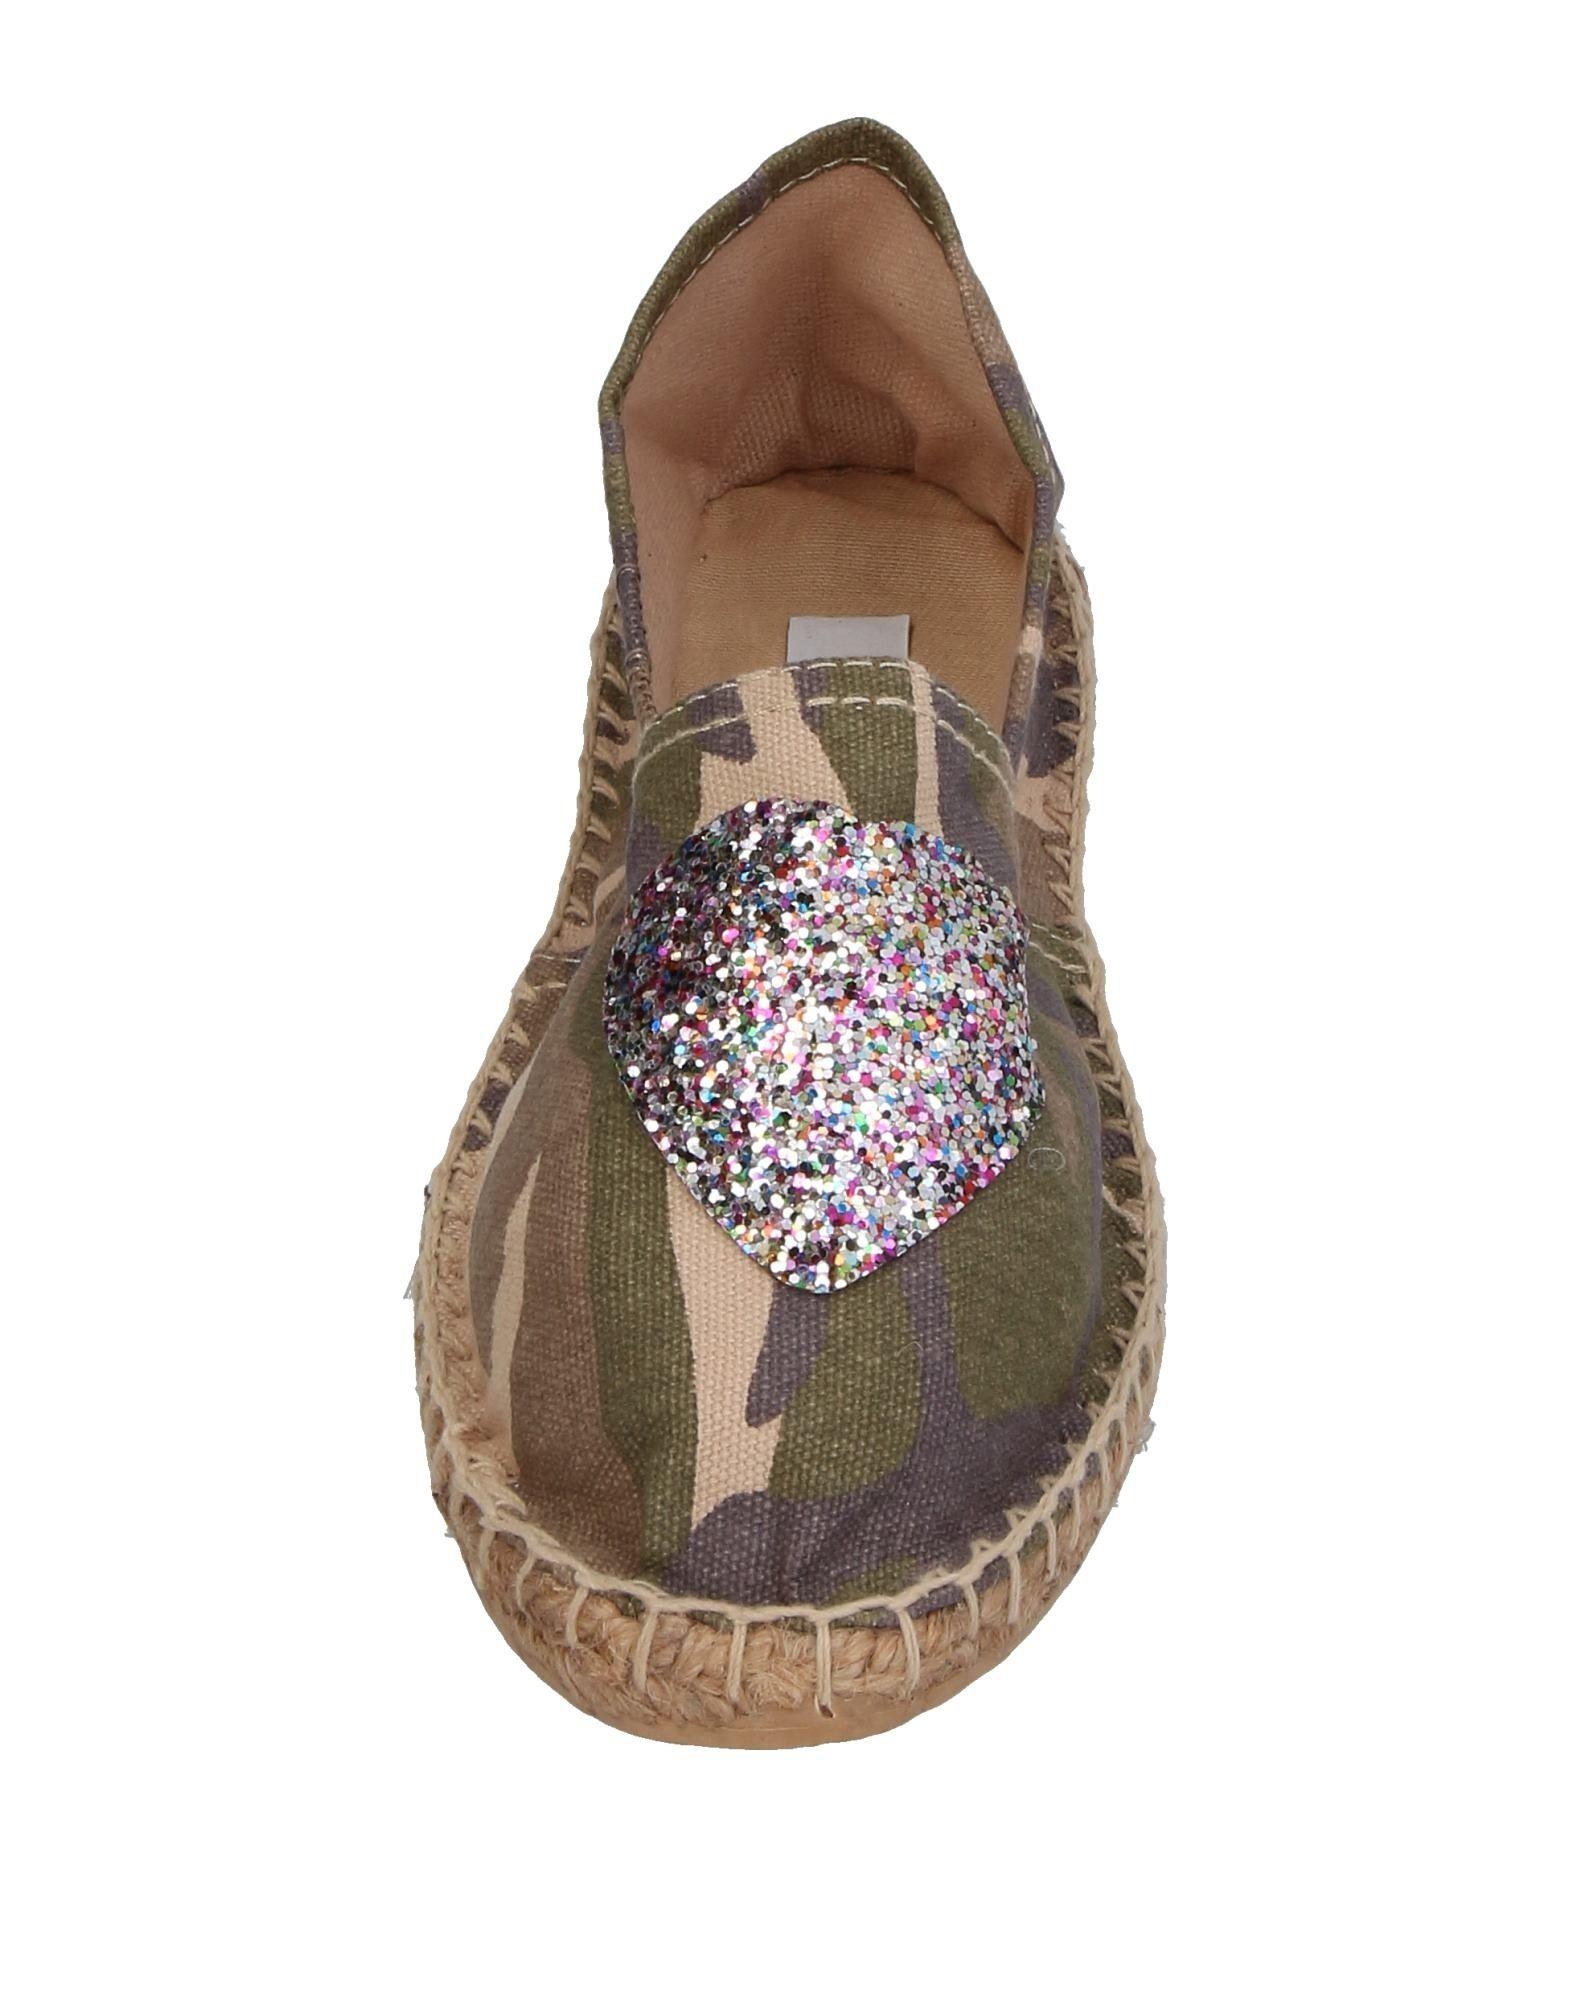 Via Vela 14 Espadrilles Schuhe Damen  11385822TD Neue Schuhe Espadrilles 13f808